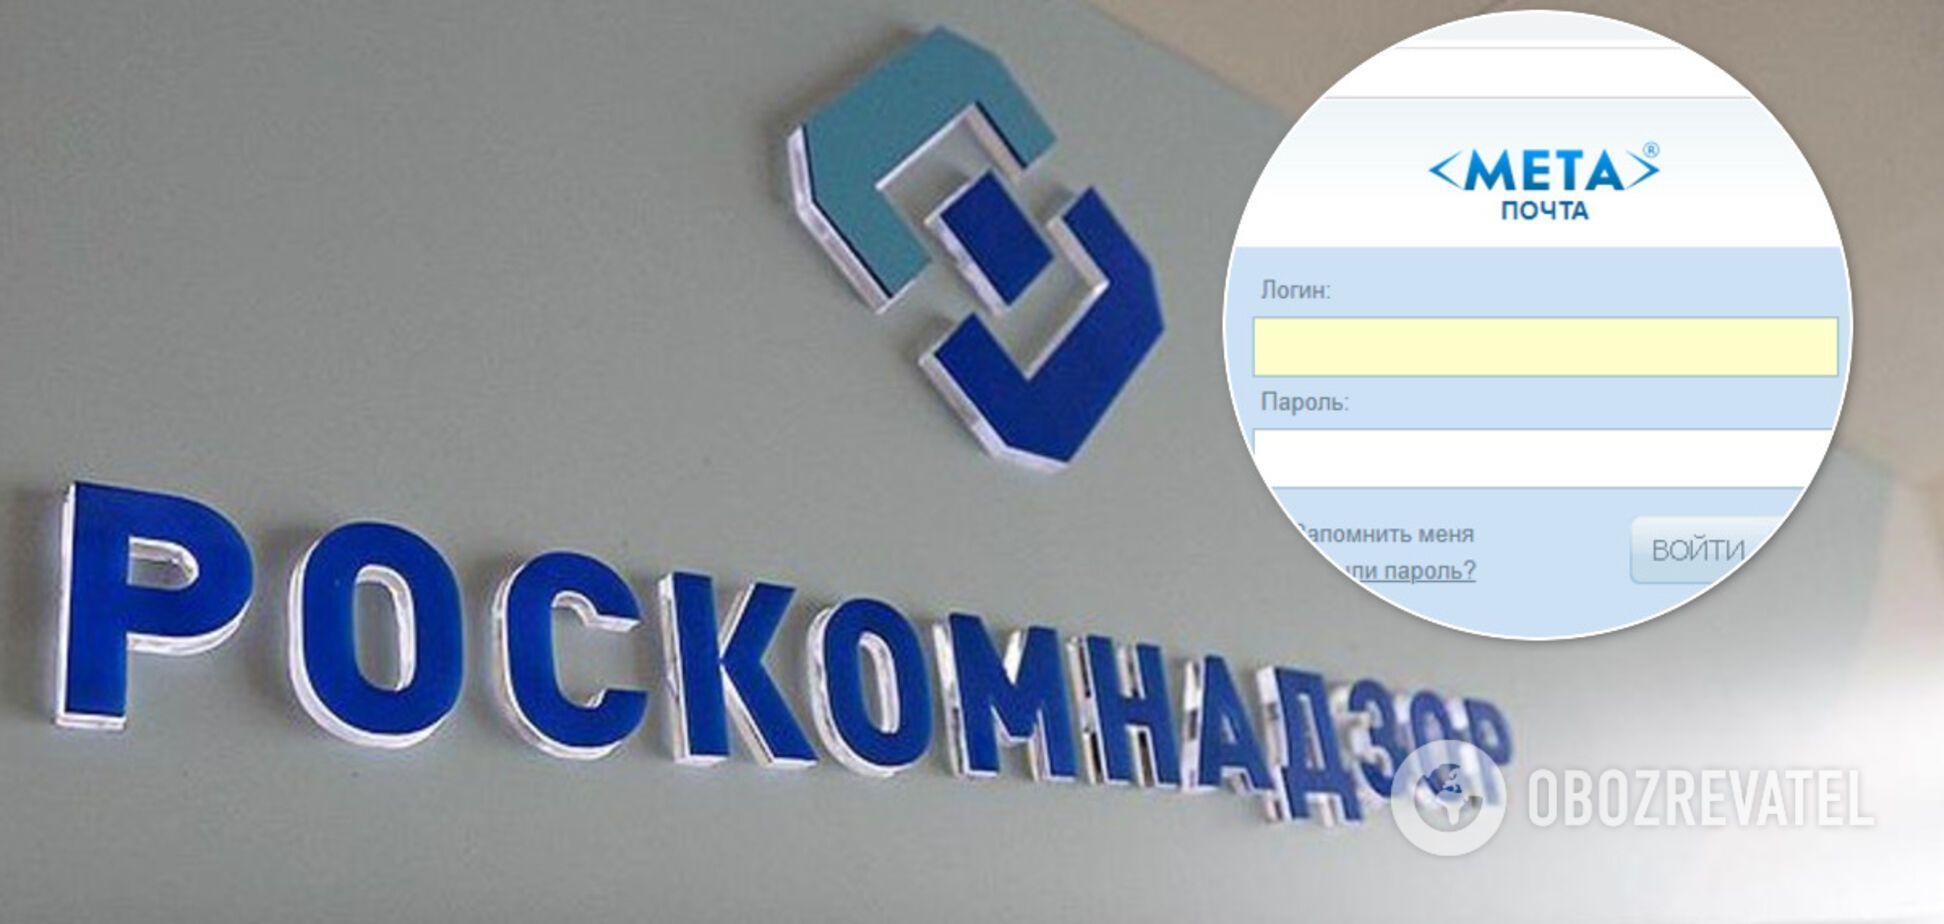 Український поштовий сервіс META внесли до бази 'пособників' спецслужб Росії